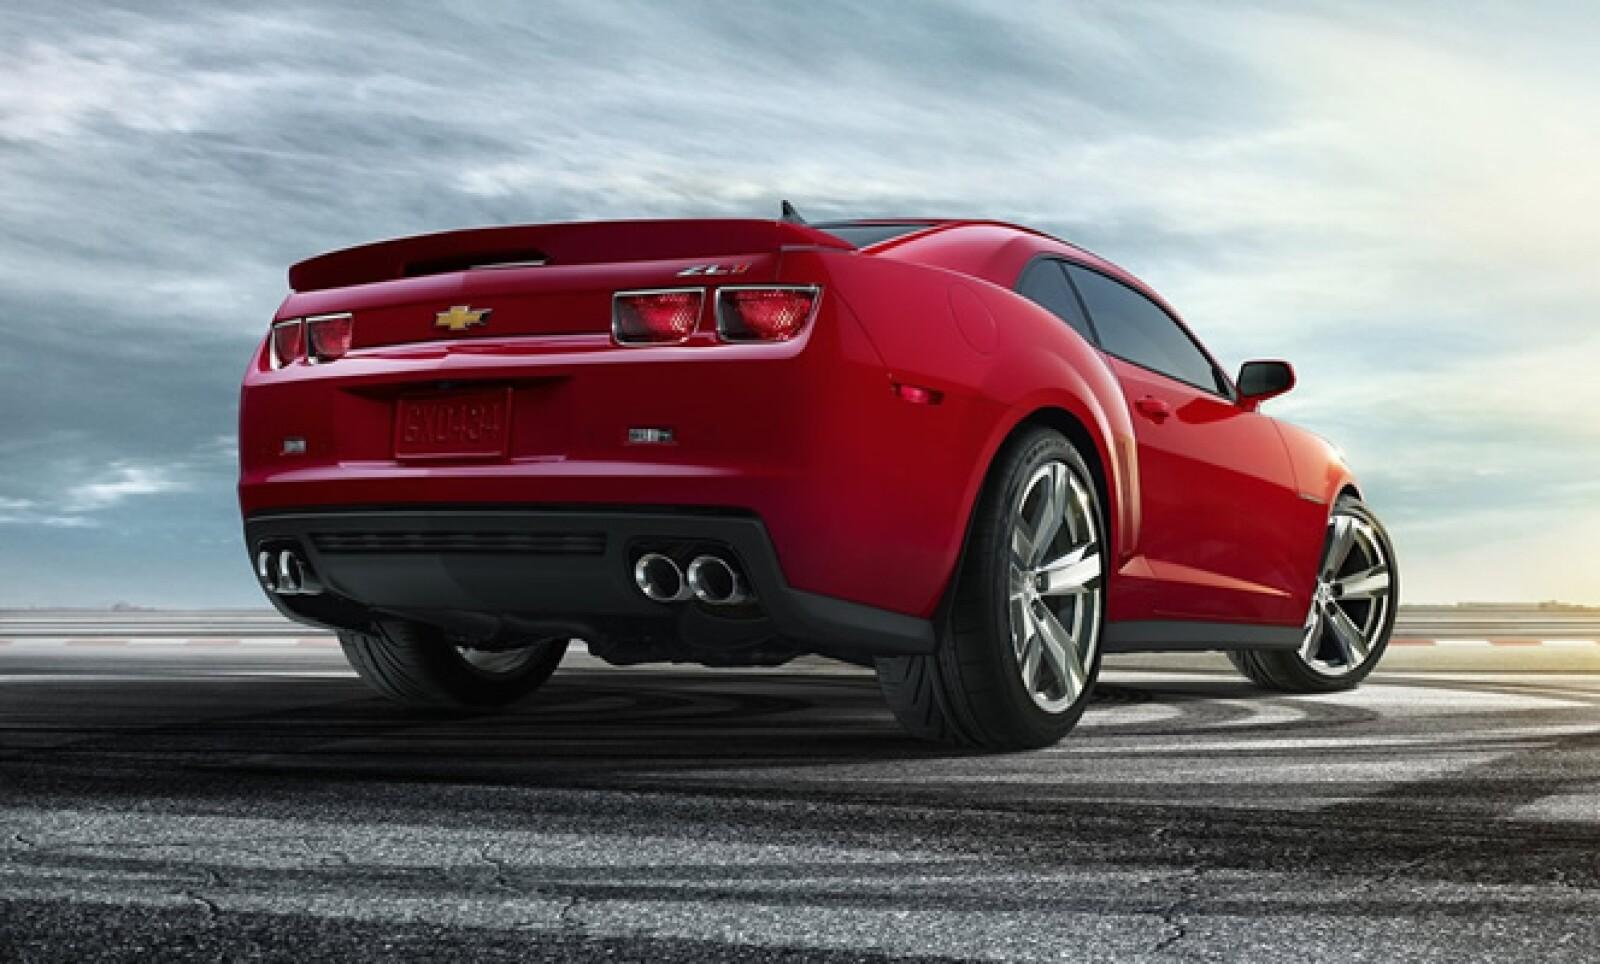 La edición 2013 de este vehículo tiene un propulsor de 6.2 litros que genera 580 caballos de fuerza, que puede asociarse tanto a una transmisión manual de seis etapas, como a una caja automática.